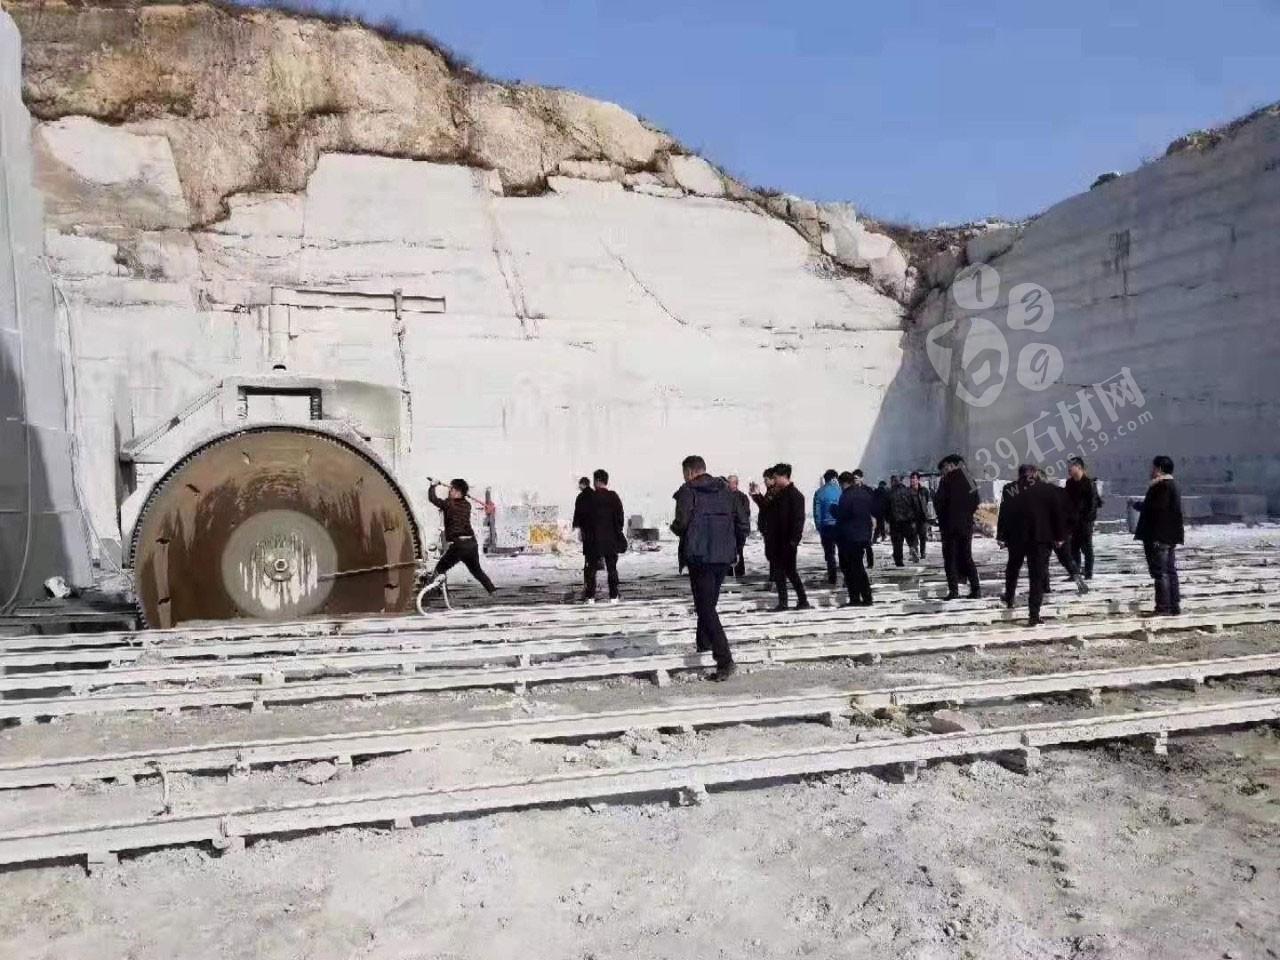 河南泌阳县春水镇关于严厉打击违法采矿行为的公告